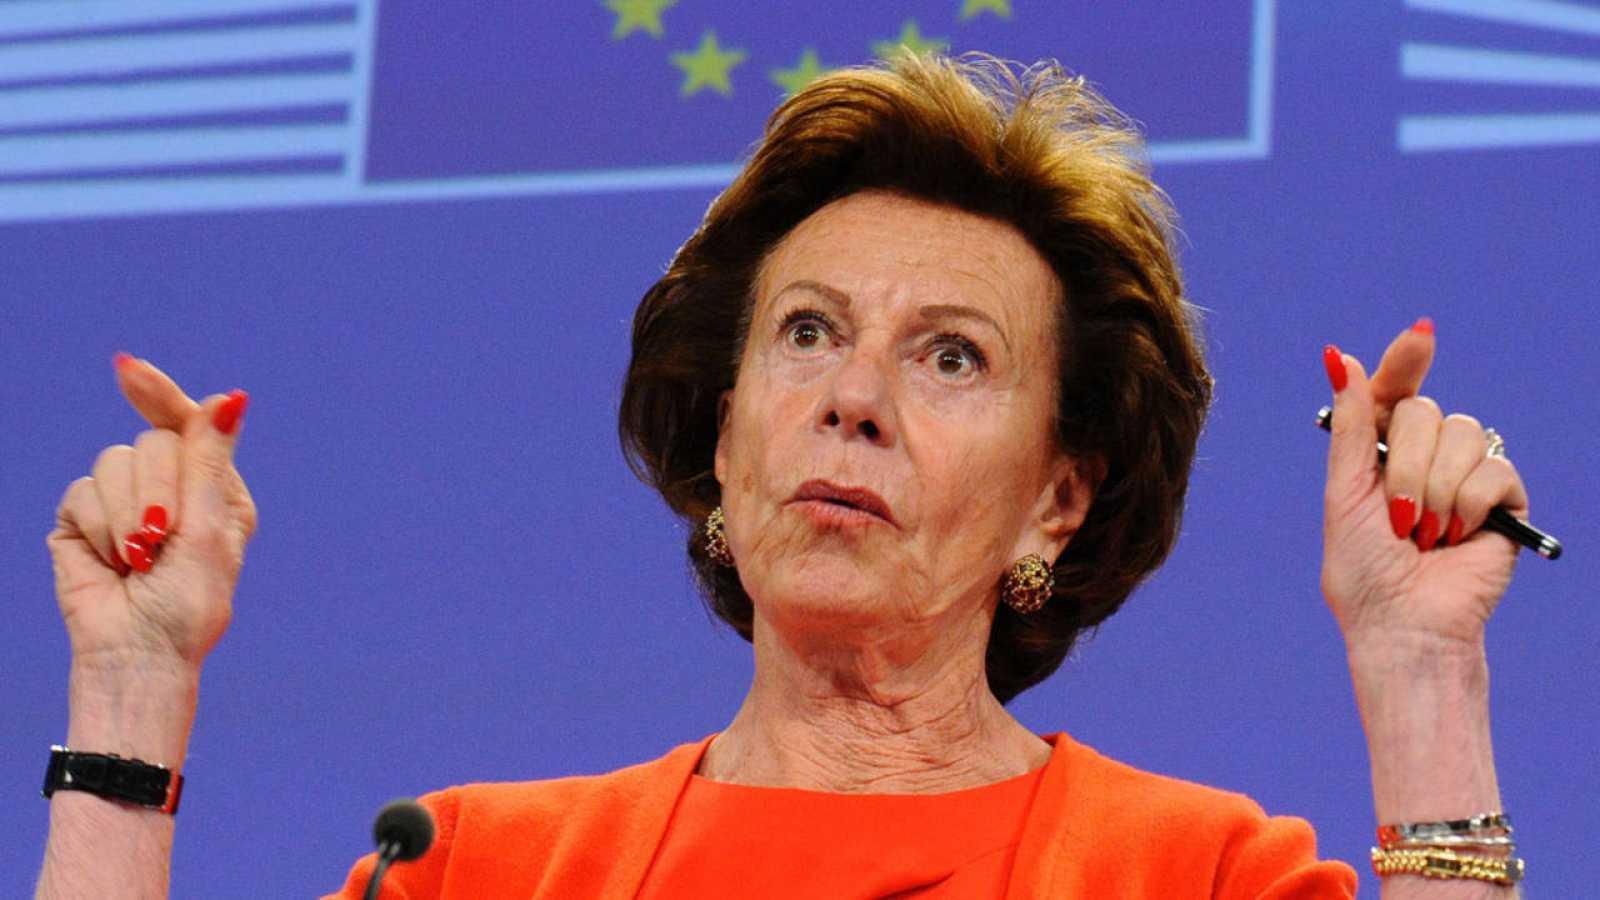 Neelie Kroes cuando era vicepresidenta de la Comisión Europea